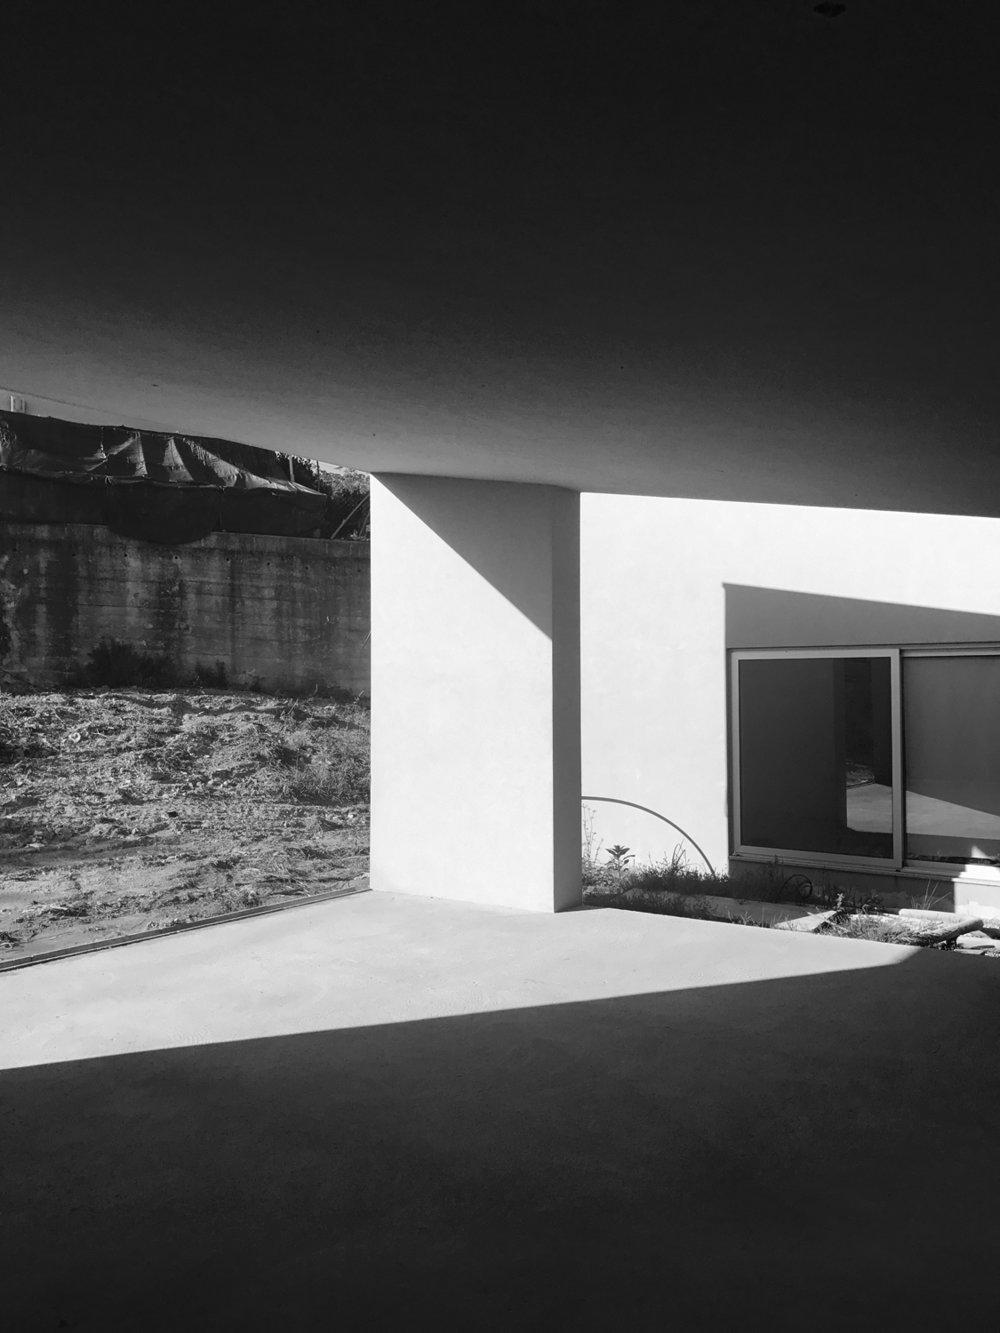 Moradia S+N - arquitectura - arquitectos - porto - oliveira de azemeis - construção - projecto - eva evolutionary architecture (4).jpg